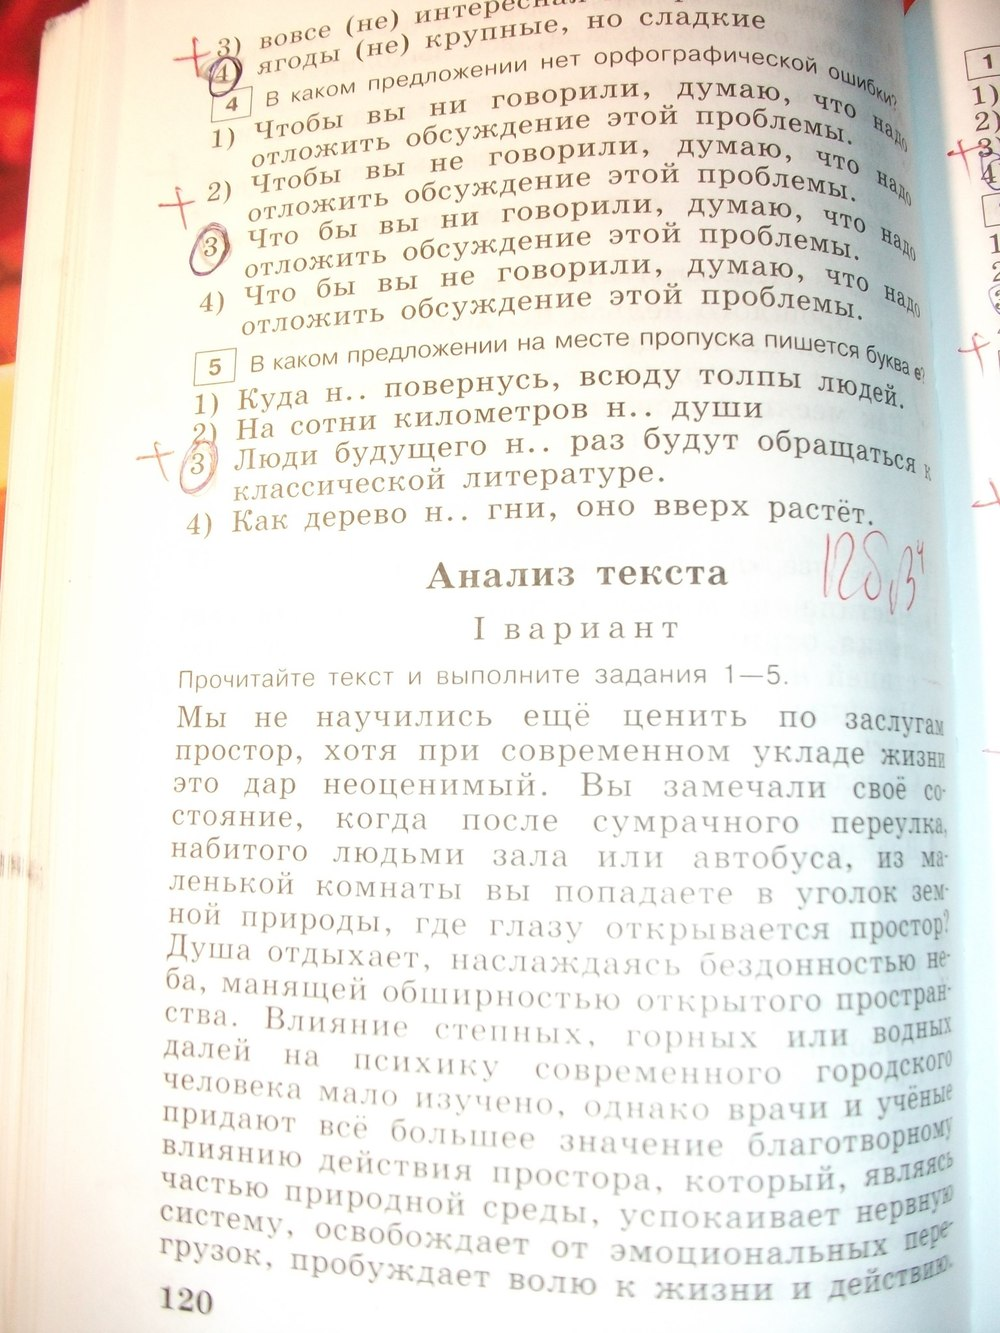 богданова г по русскому гдз языку задания русскому а по тестовые